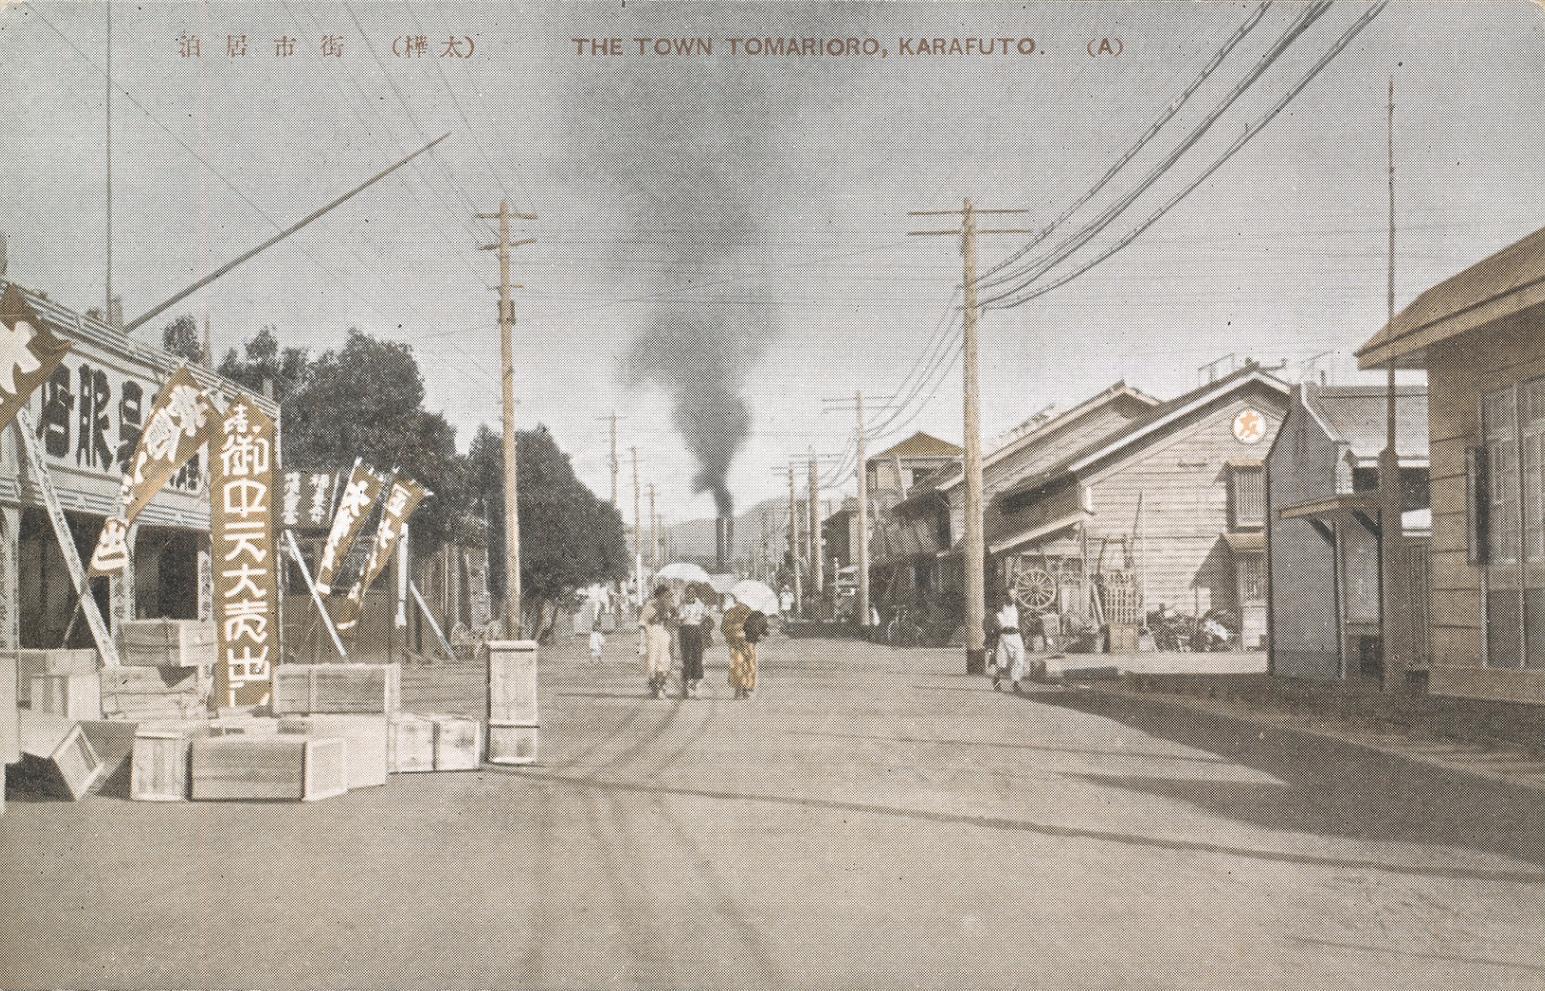 Улица Томариору-дзинзя, вдали виднеется ЦБЗ.